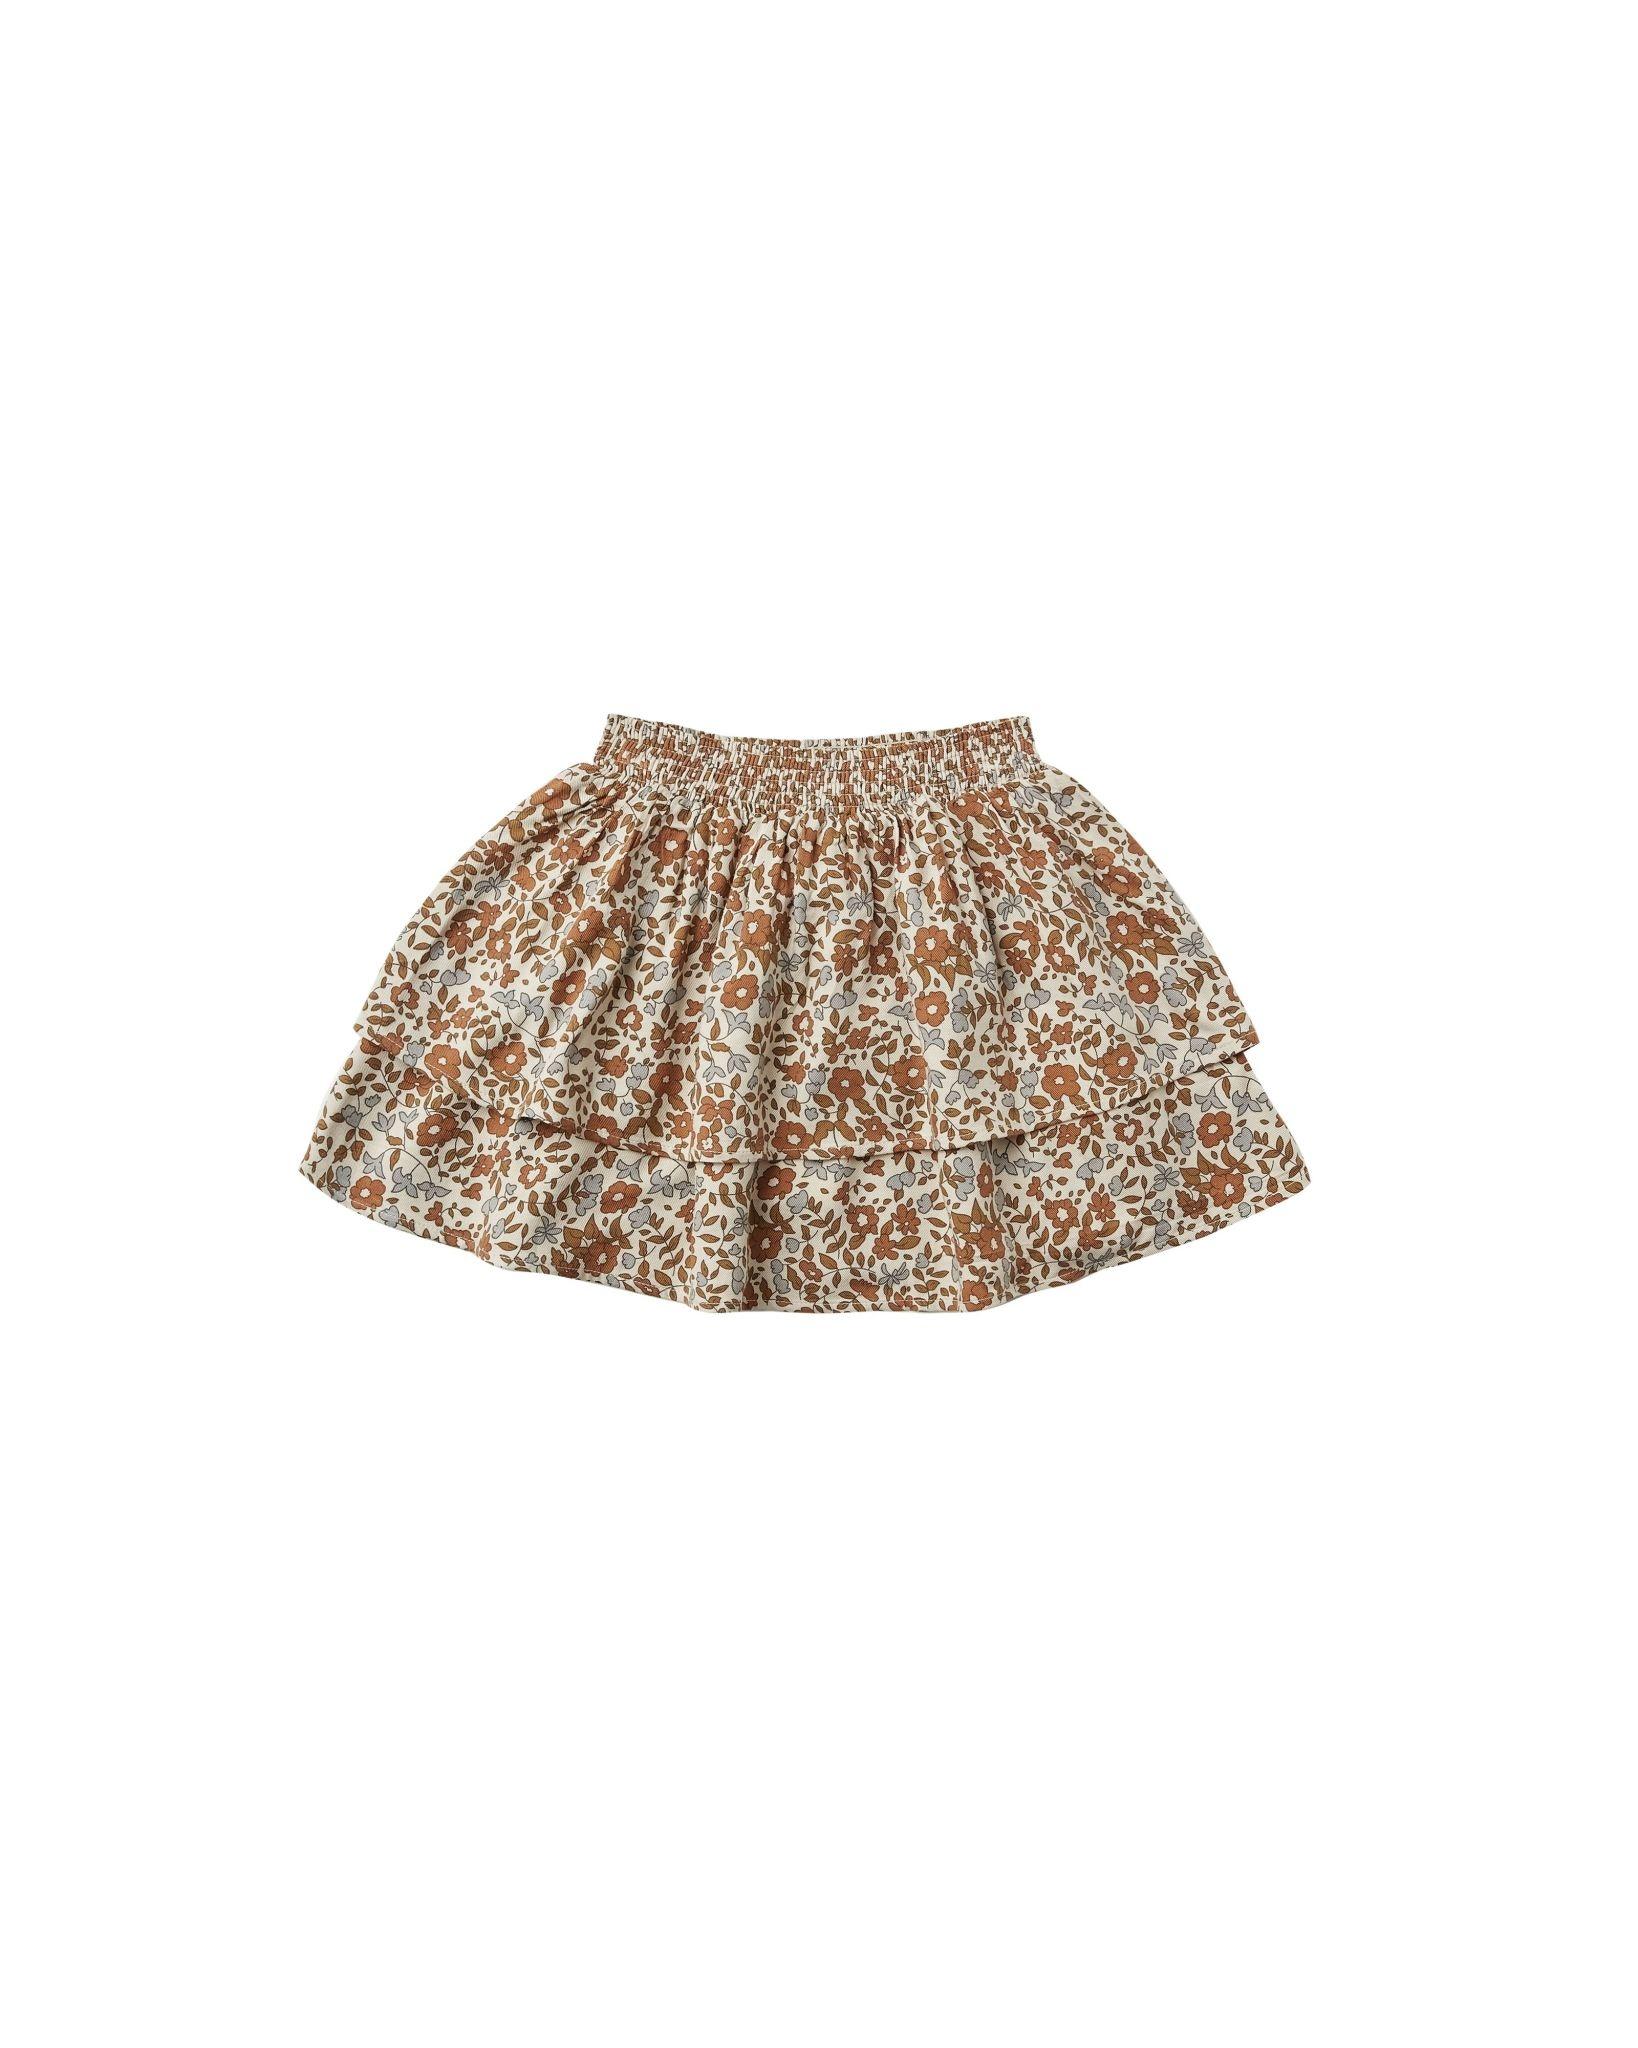 Rylee and Cru Rylee & Cru Tiered Mini Skirt